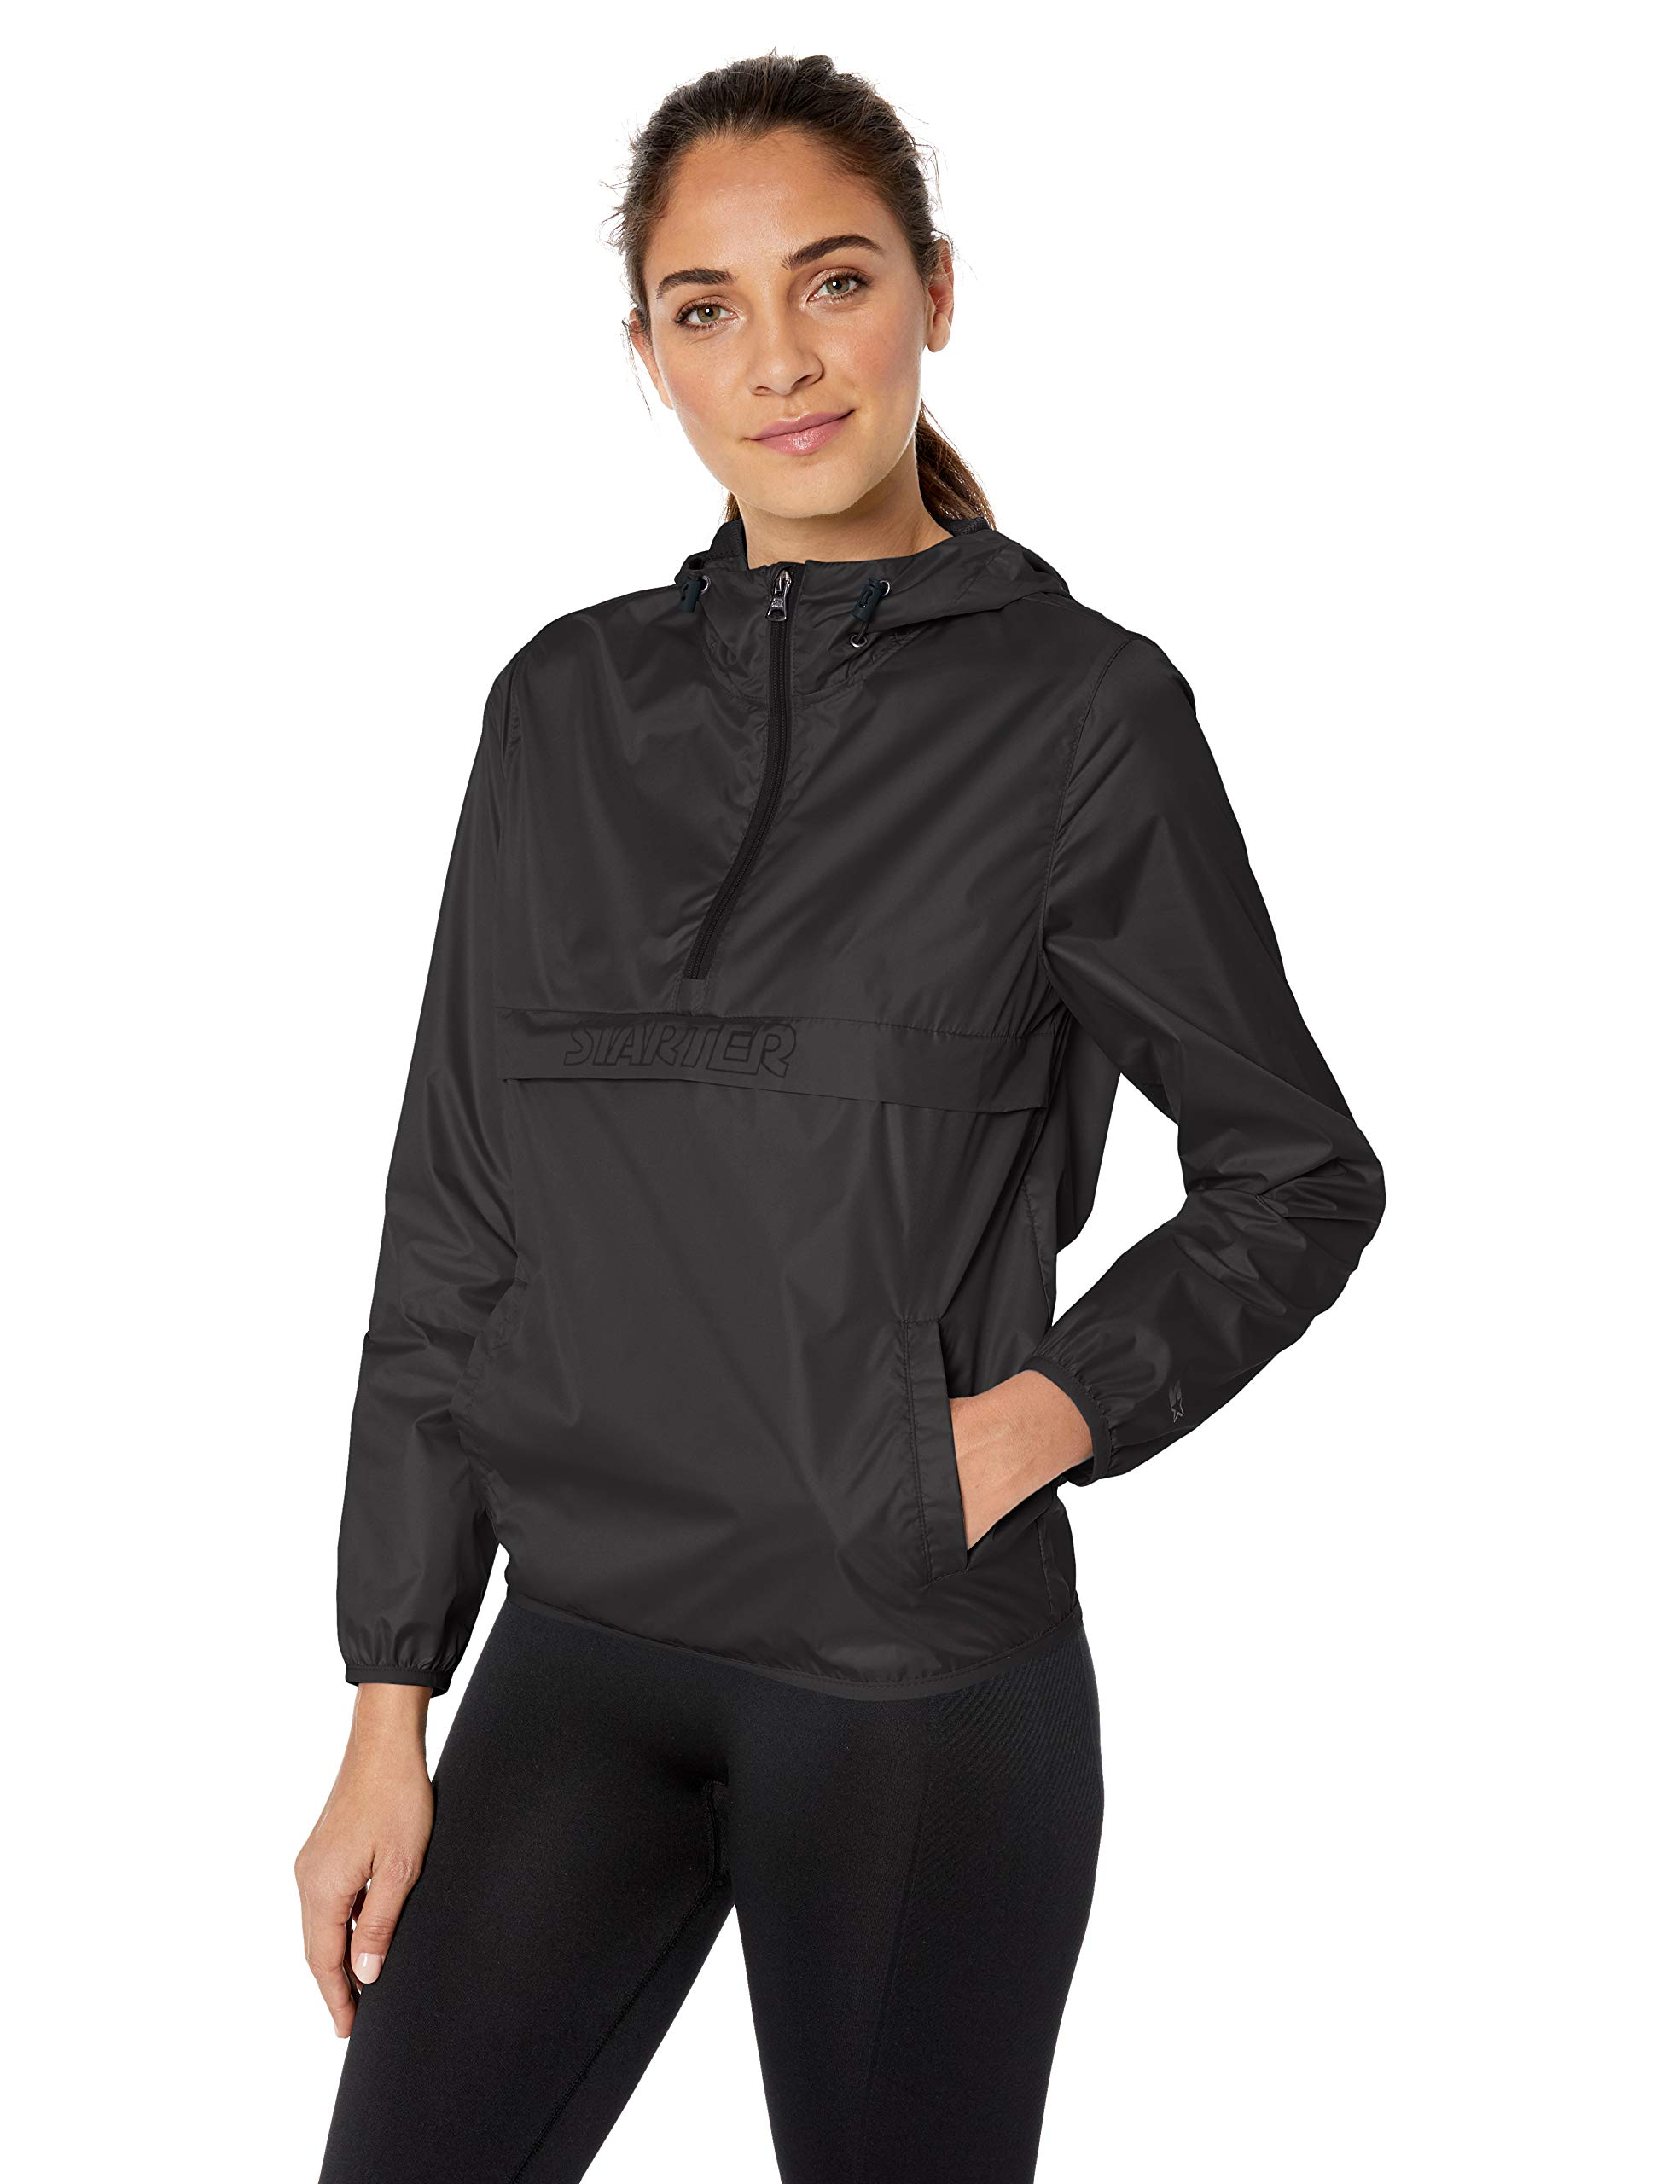 Starter Women's Popover Packable Jacket Amazon Exclusive